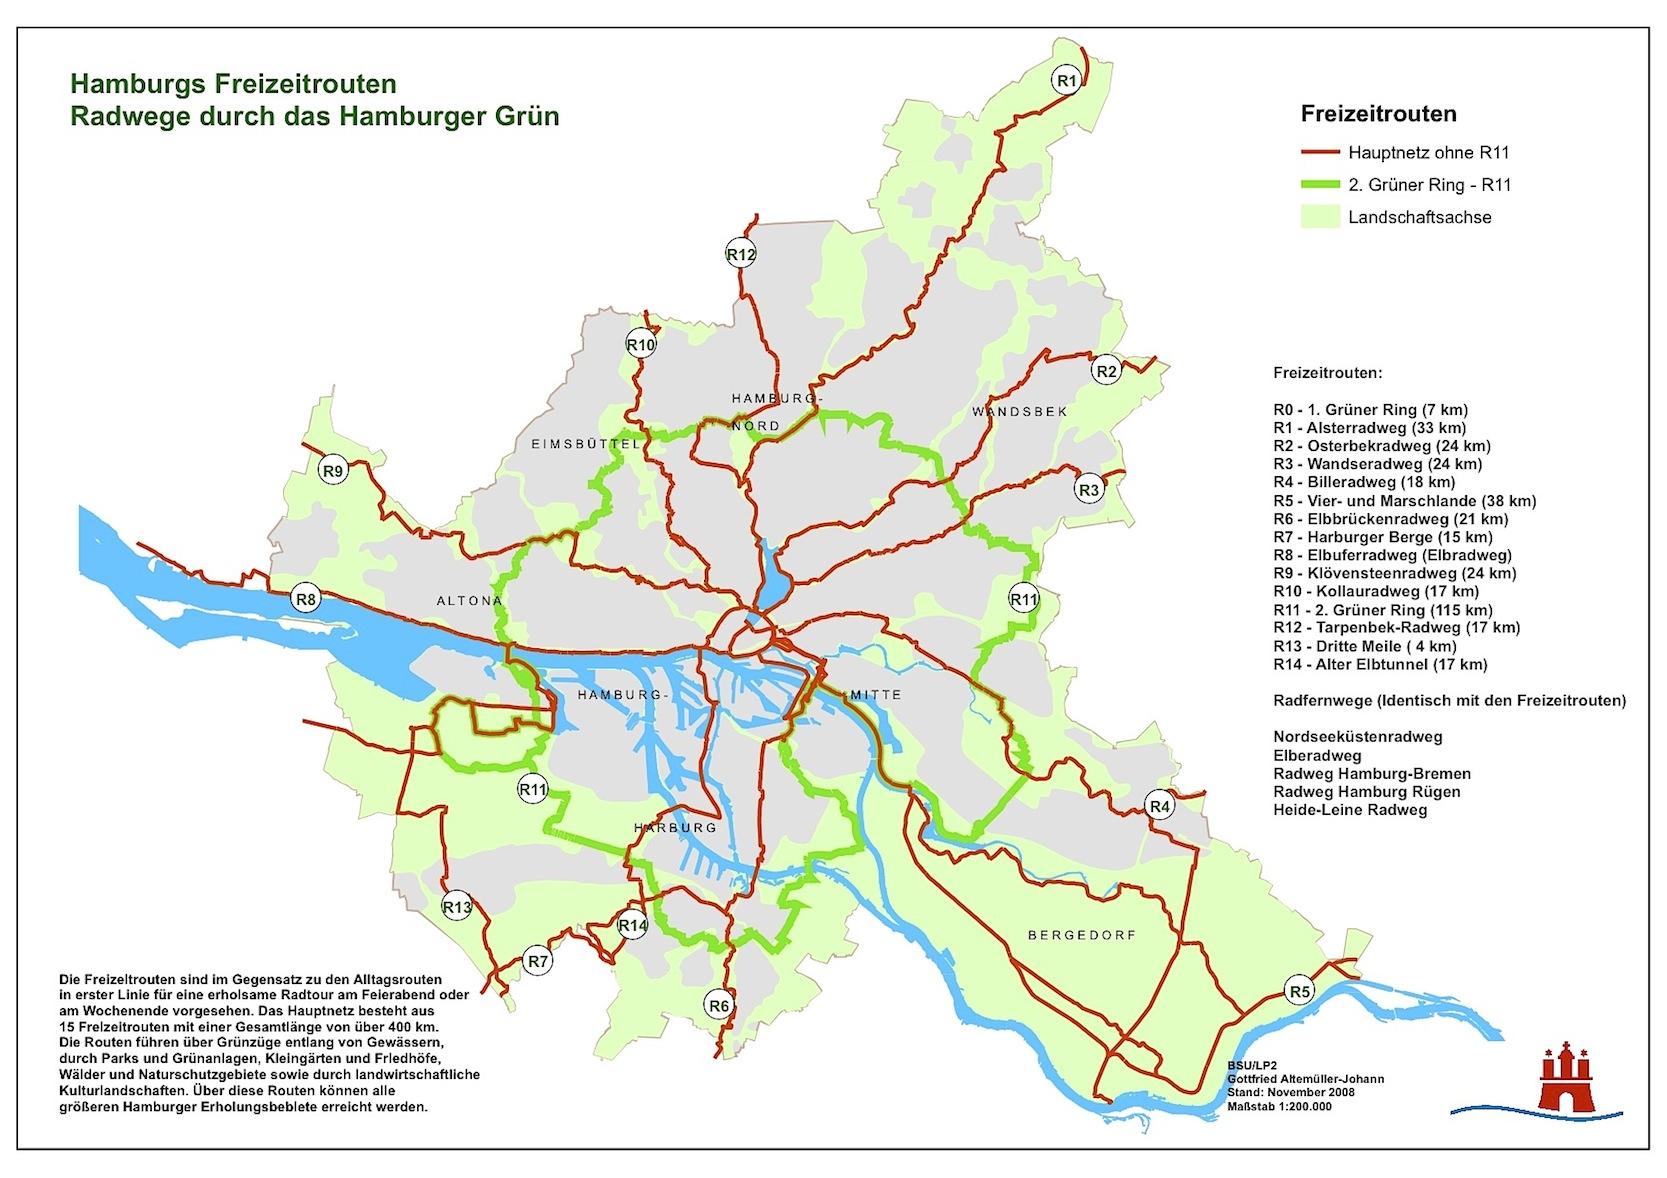 Einfach, aber trotzdem keine gute Orientierung: Fahrradrouten in Hamburg.